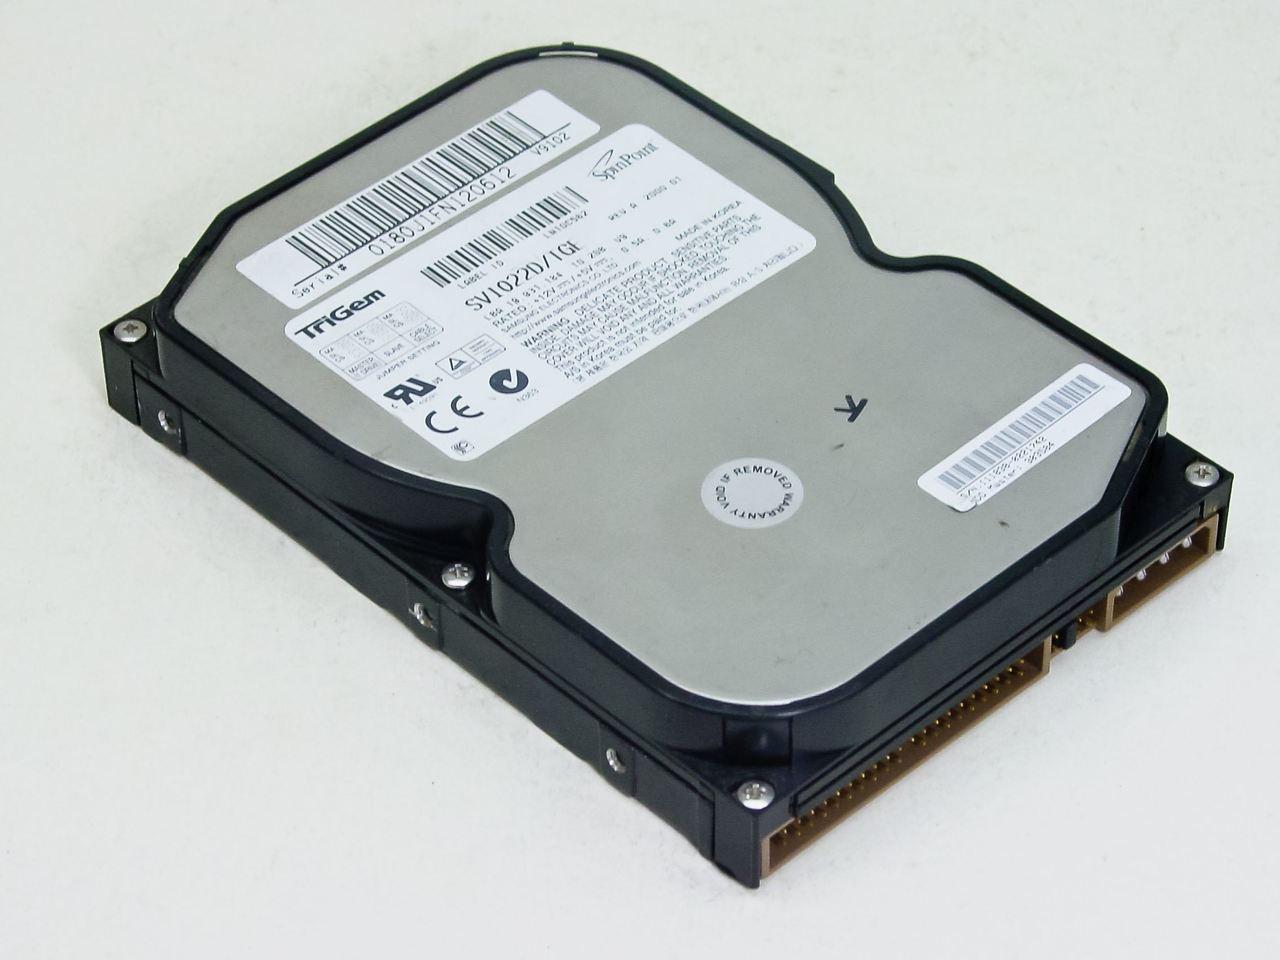 TriGem 102GB 35 ATA 66 5400RPM IDE Hard Drive SV1022D